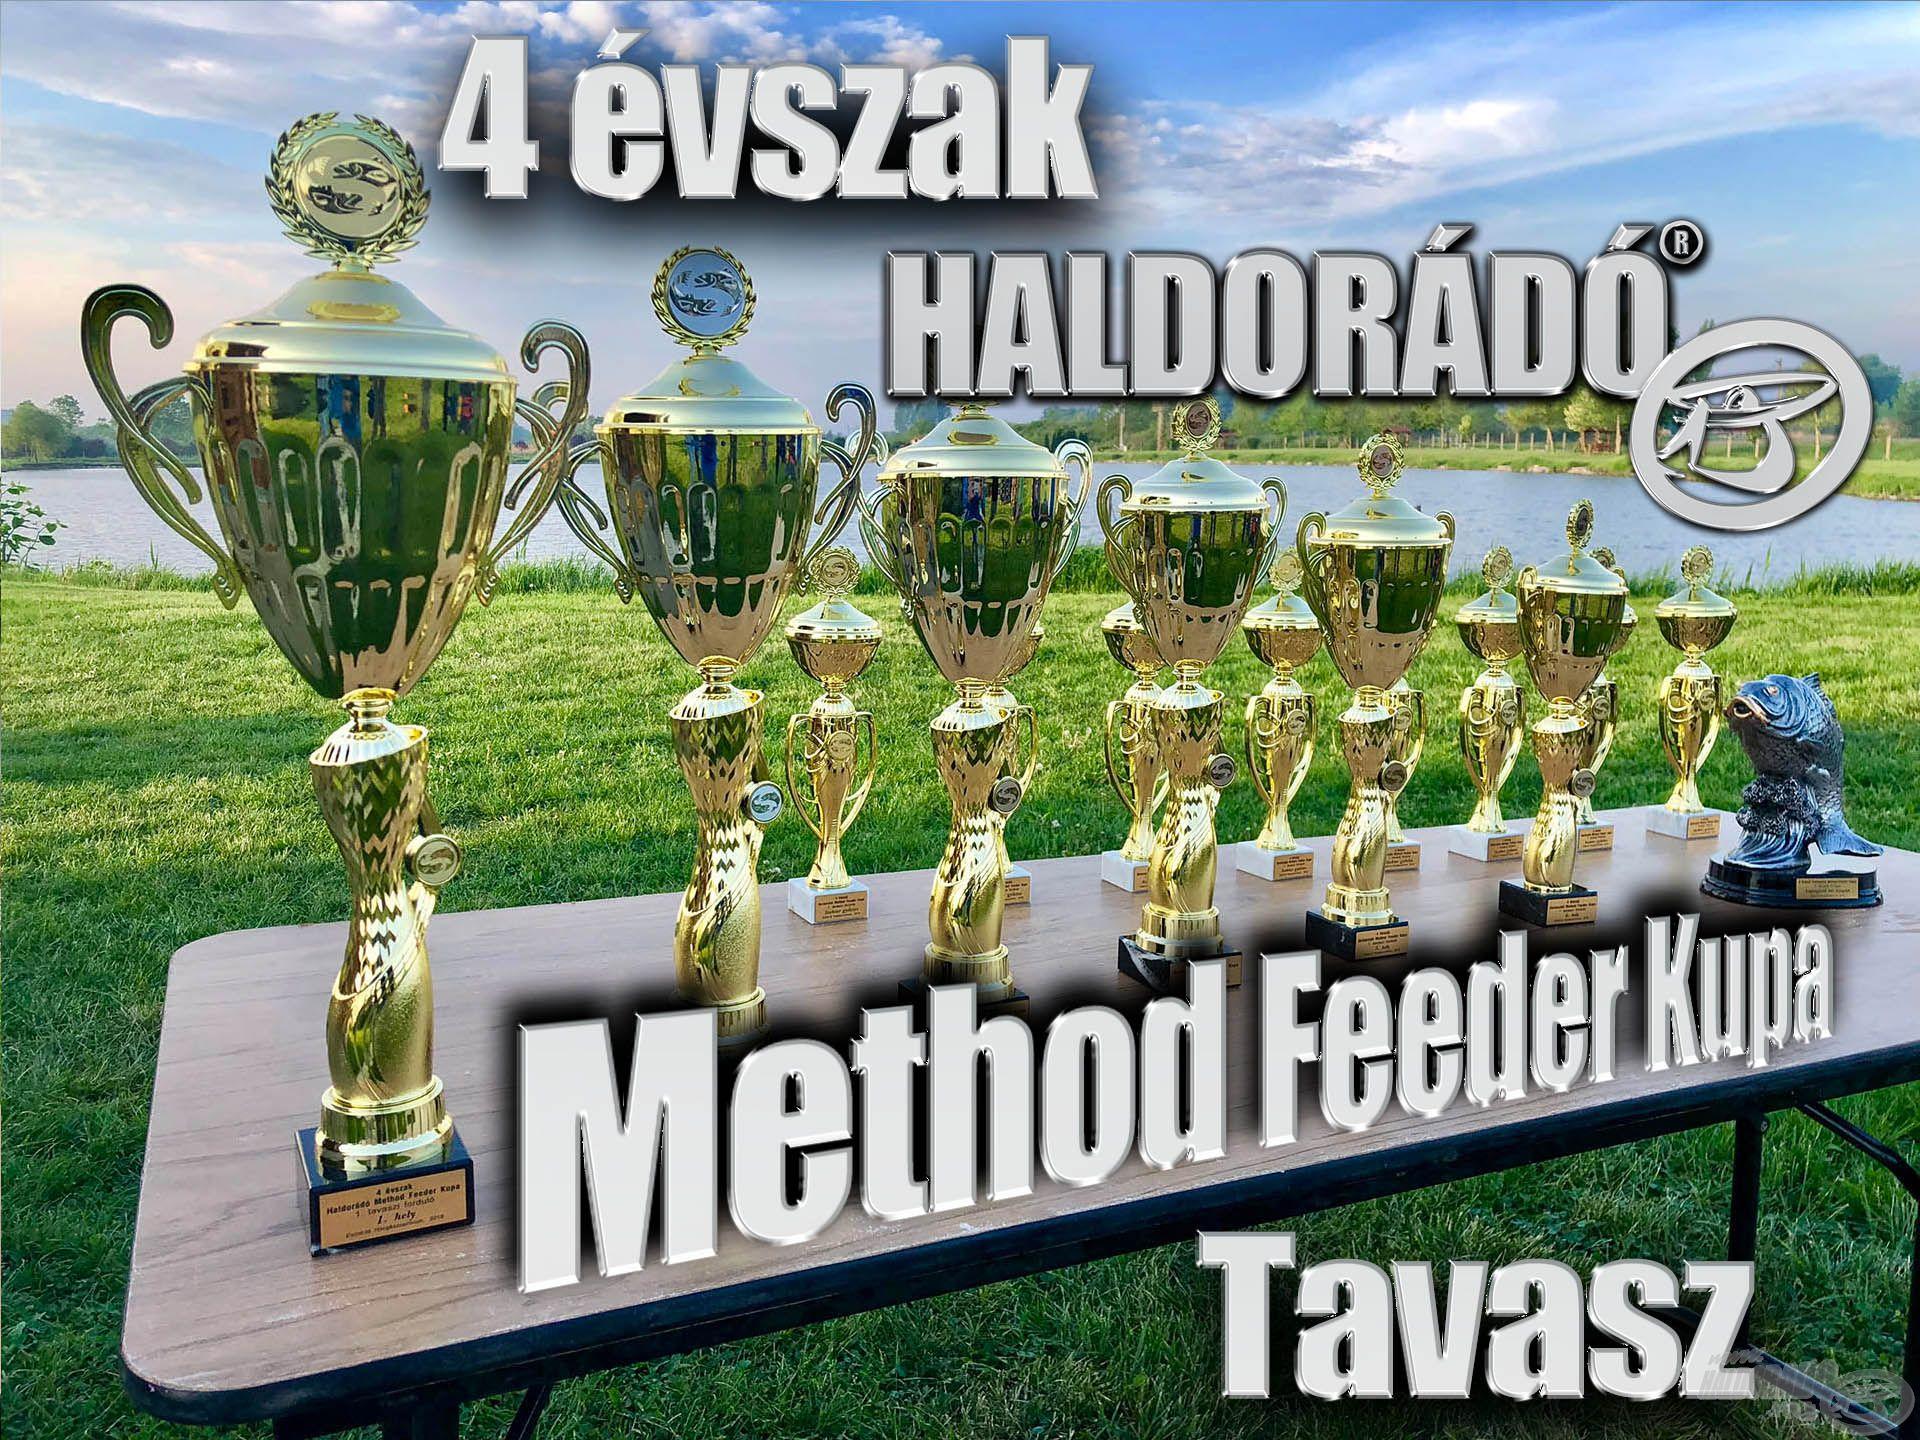 4 évszak Haldorádó Method Feeder Kupa 2019 versenysorozat kiírás – Tavasz